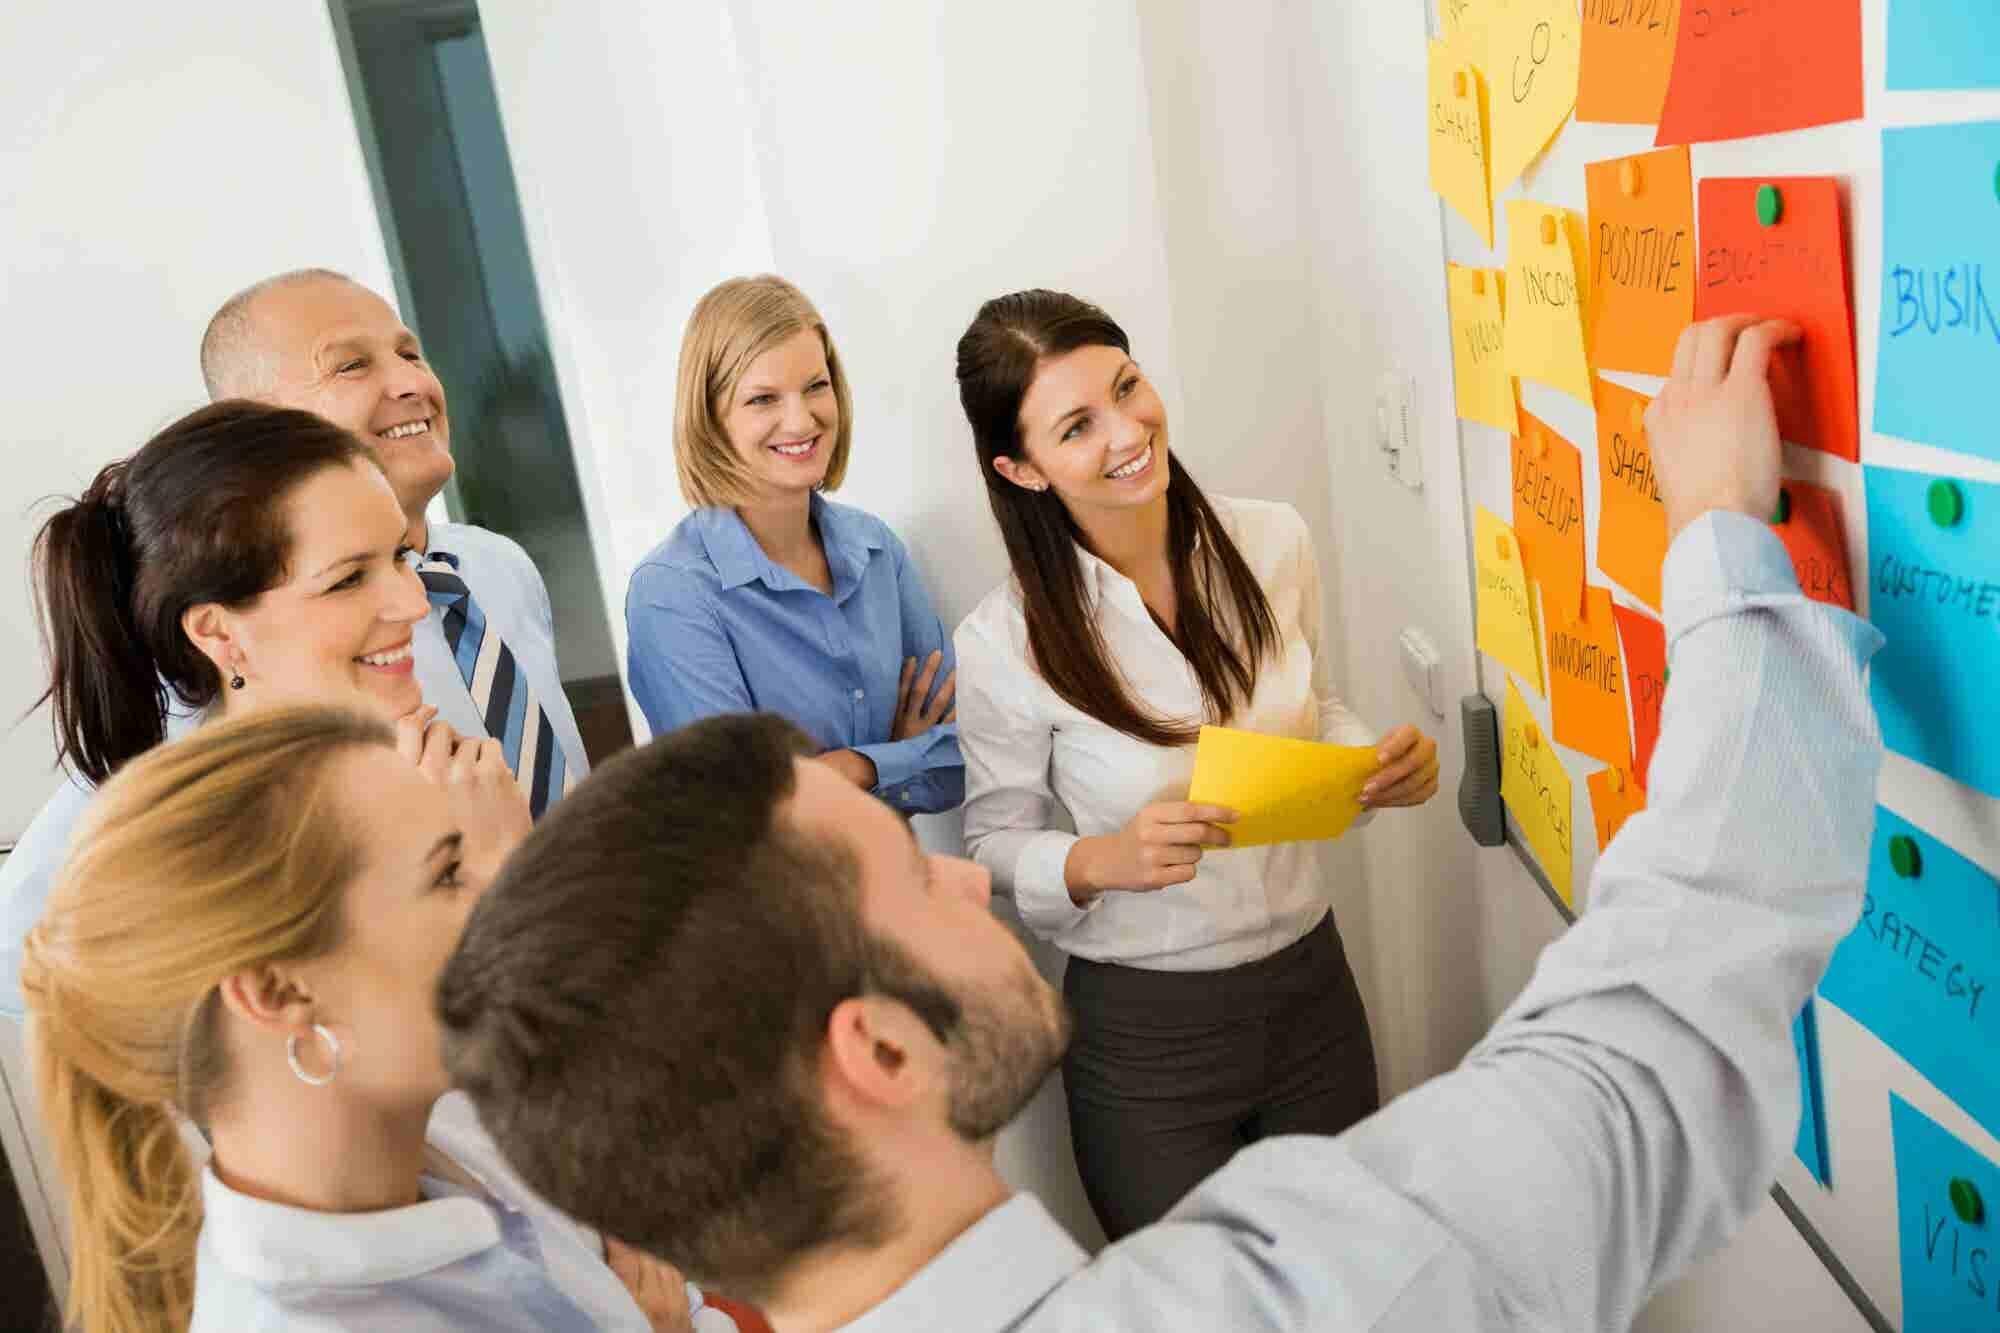 ¿Necesitas generar mejores ideas para tu empresa? Prueba estas 7 técnicas de lluvias de ideas